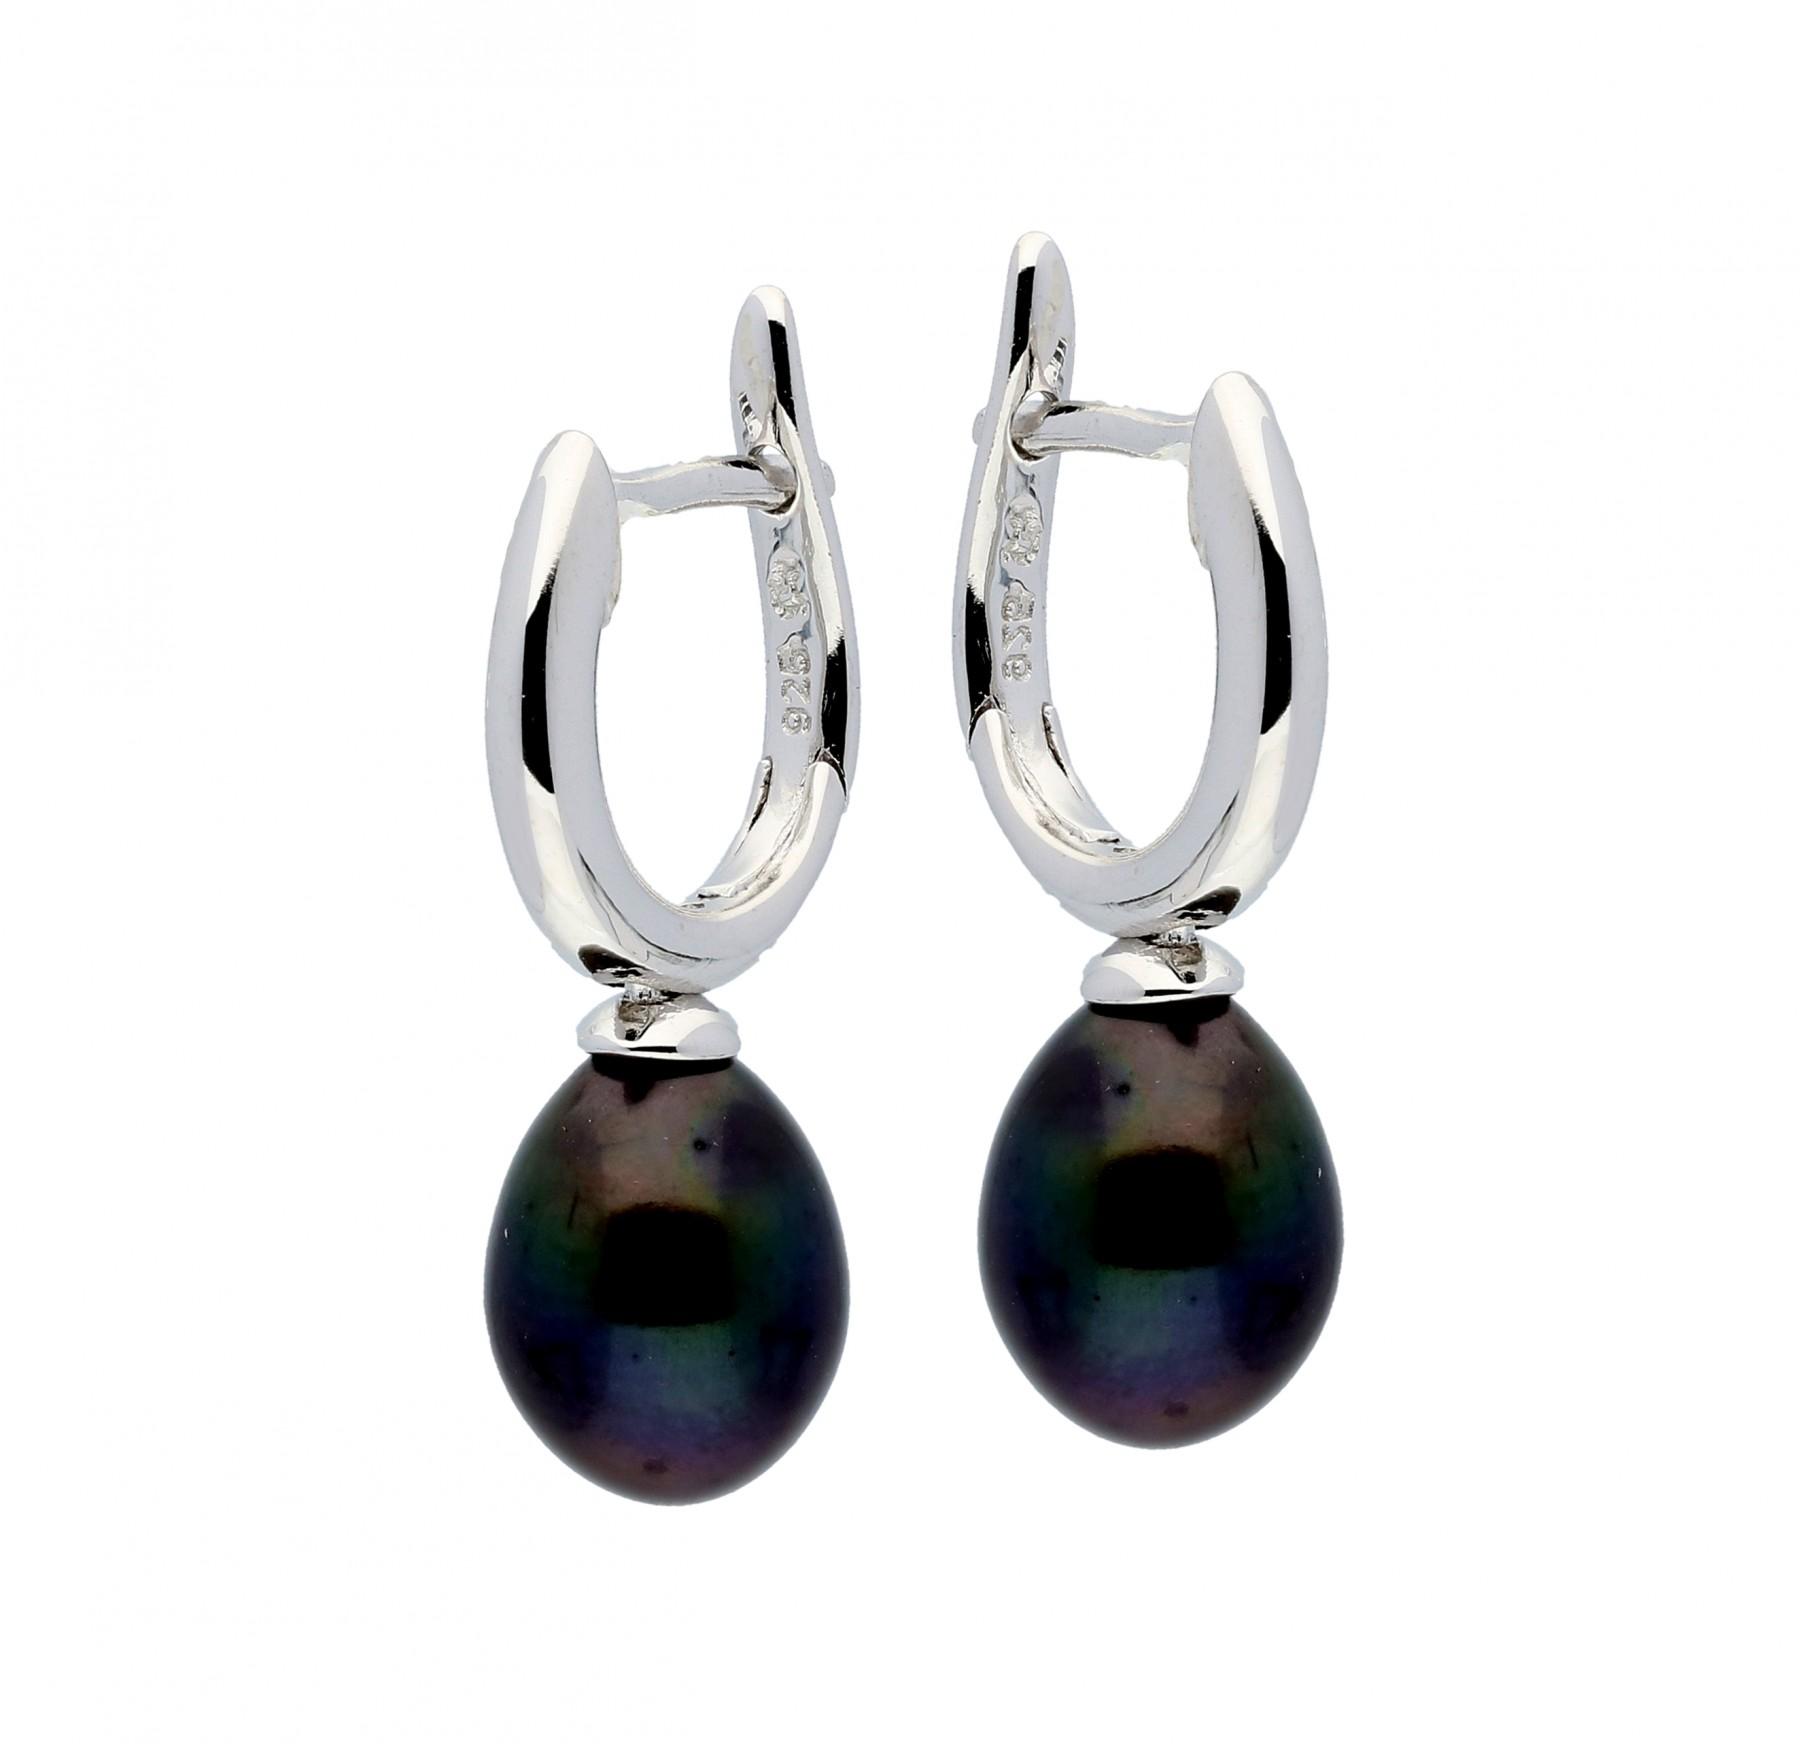 Zilveren Oorbellen klapcreolen met zwarte parel 107.5252.00